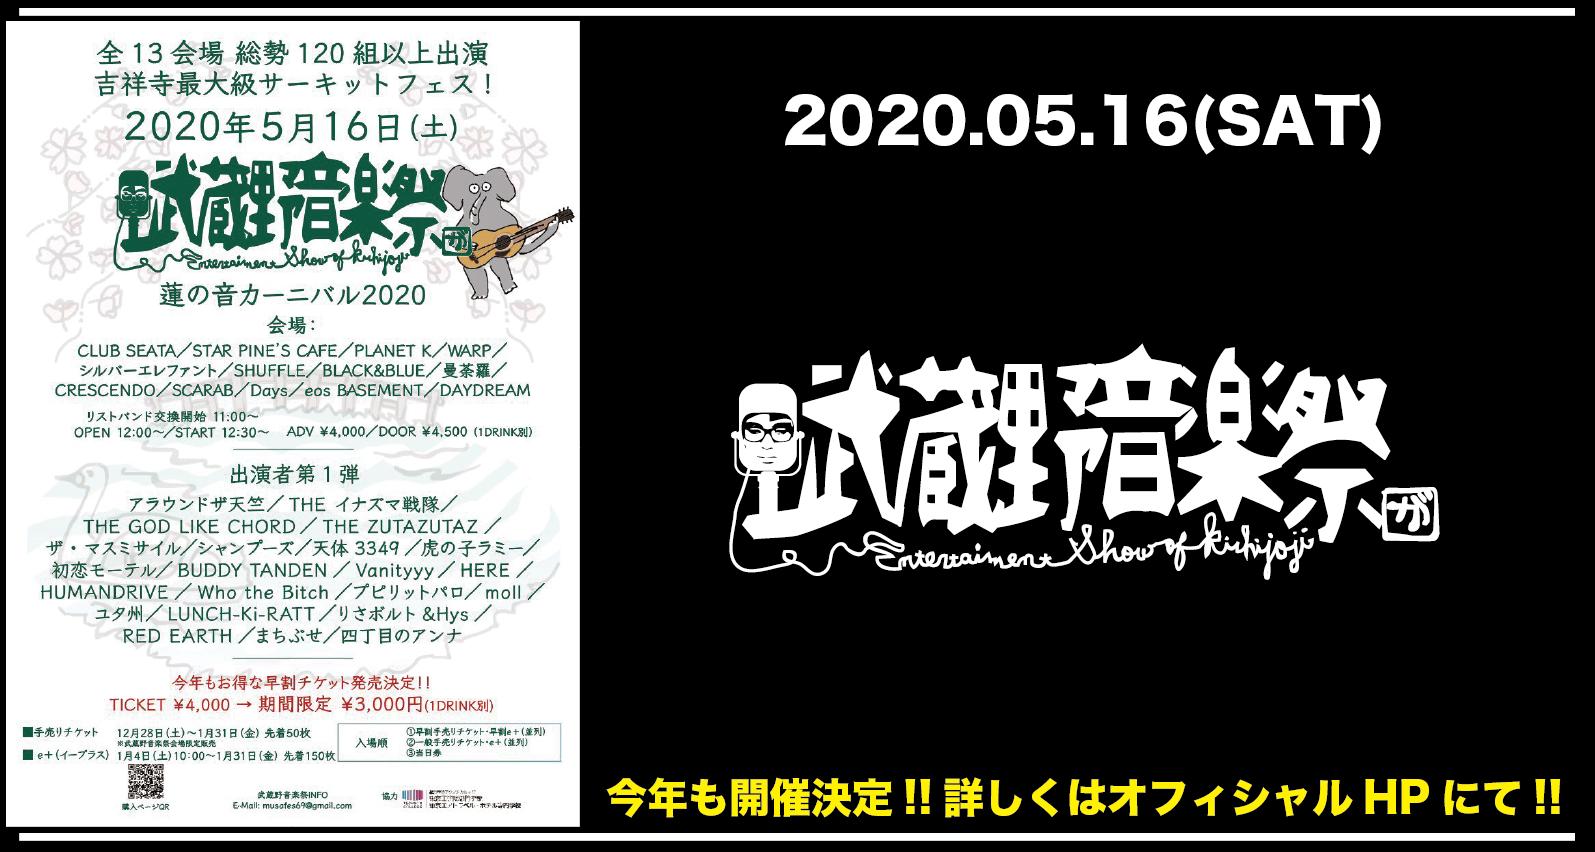 武蔵野音楽祭蓮の音カーニバル2020